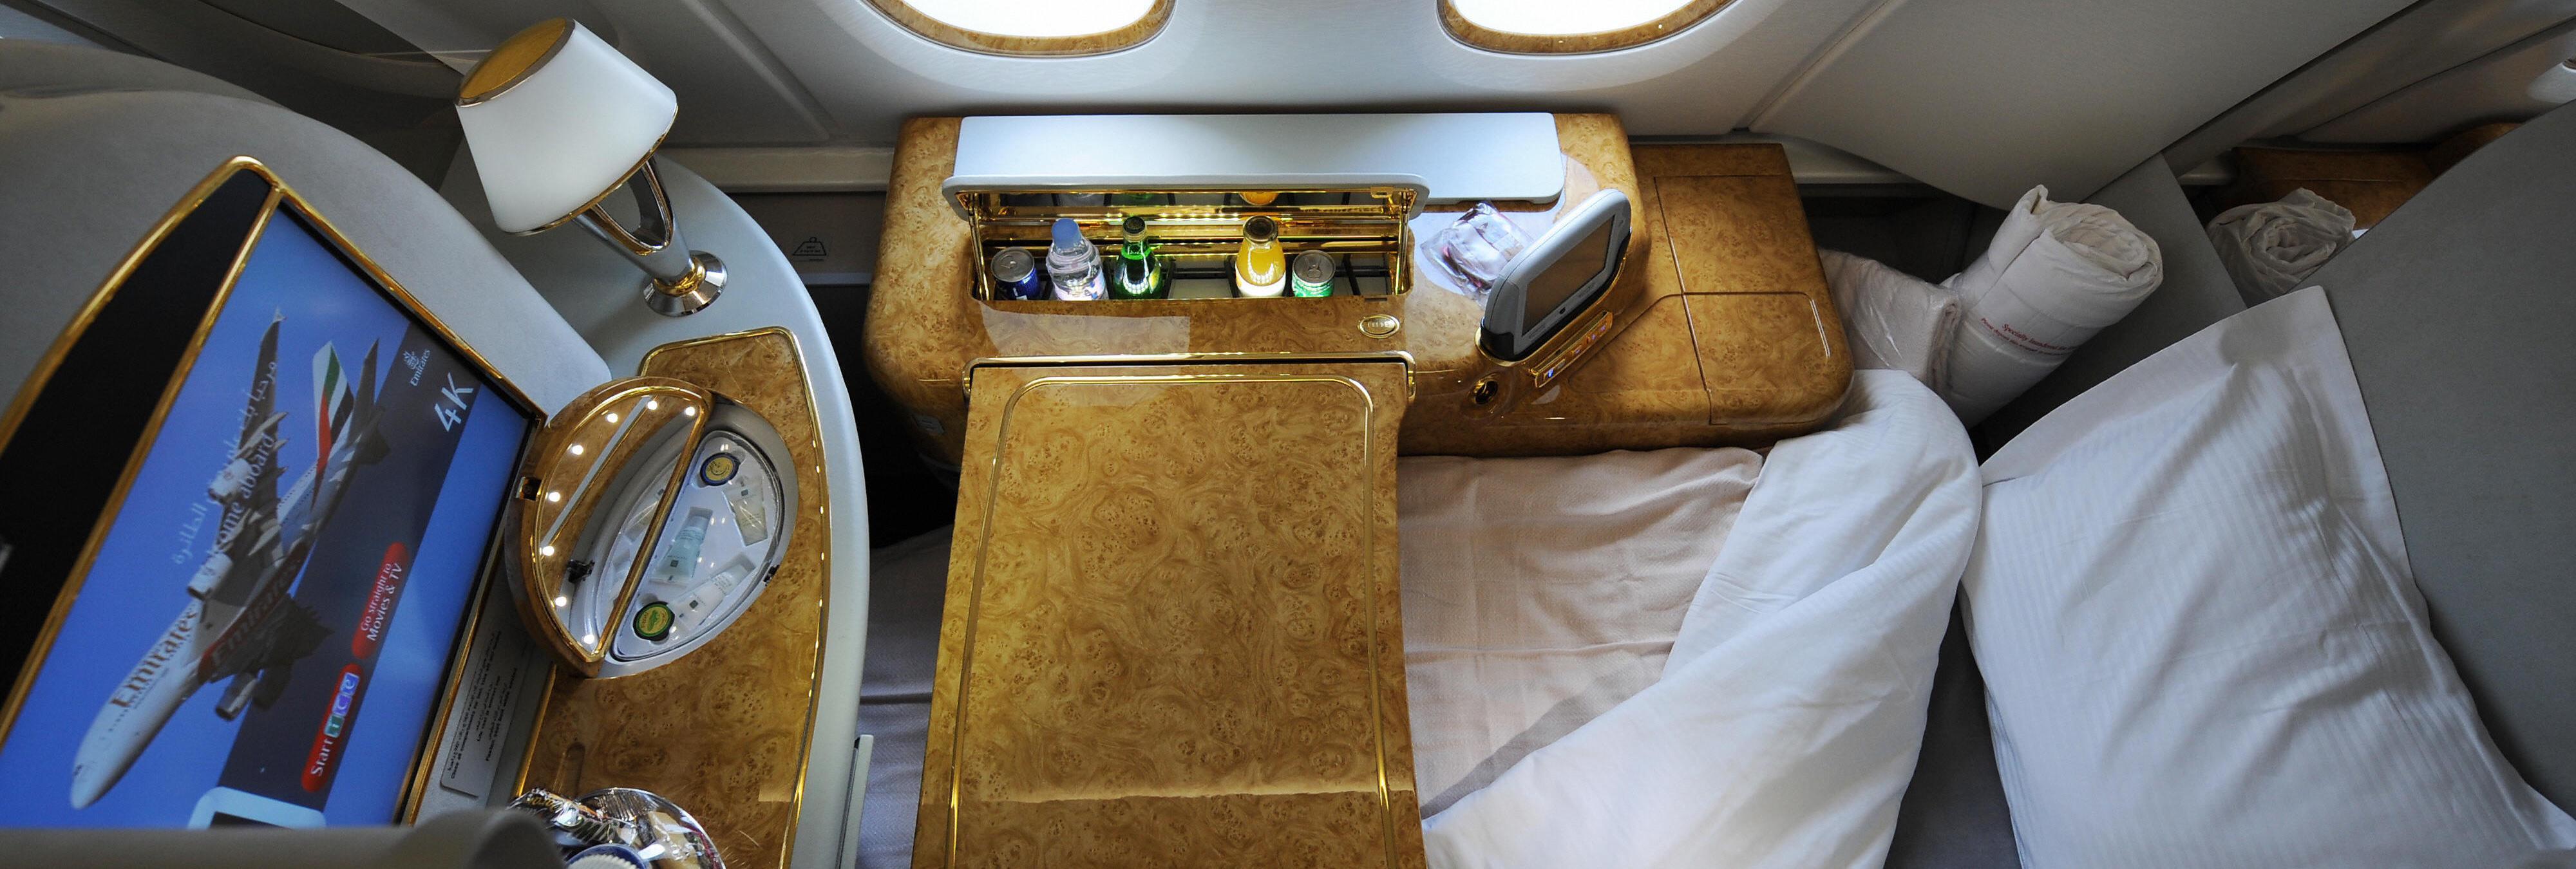 Caviar, spa y minibar: Un youtuber muestra cómo es un vuelo de 21.000 dólares